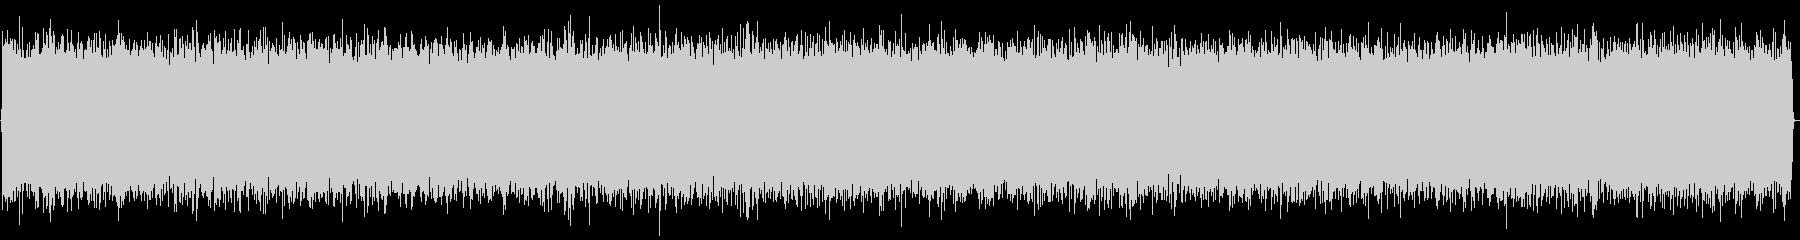 ノイズ(ゴーッ)長めの未再生の波形